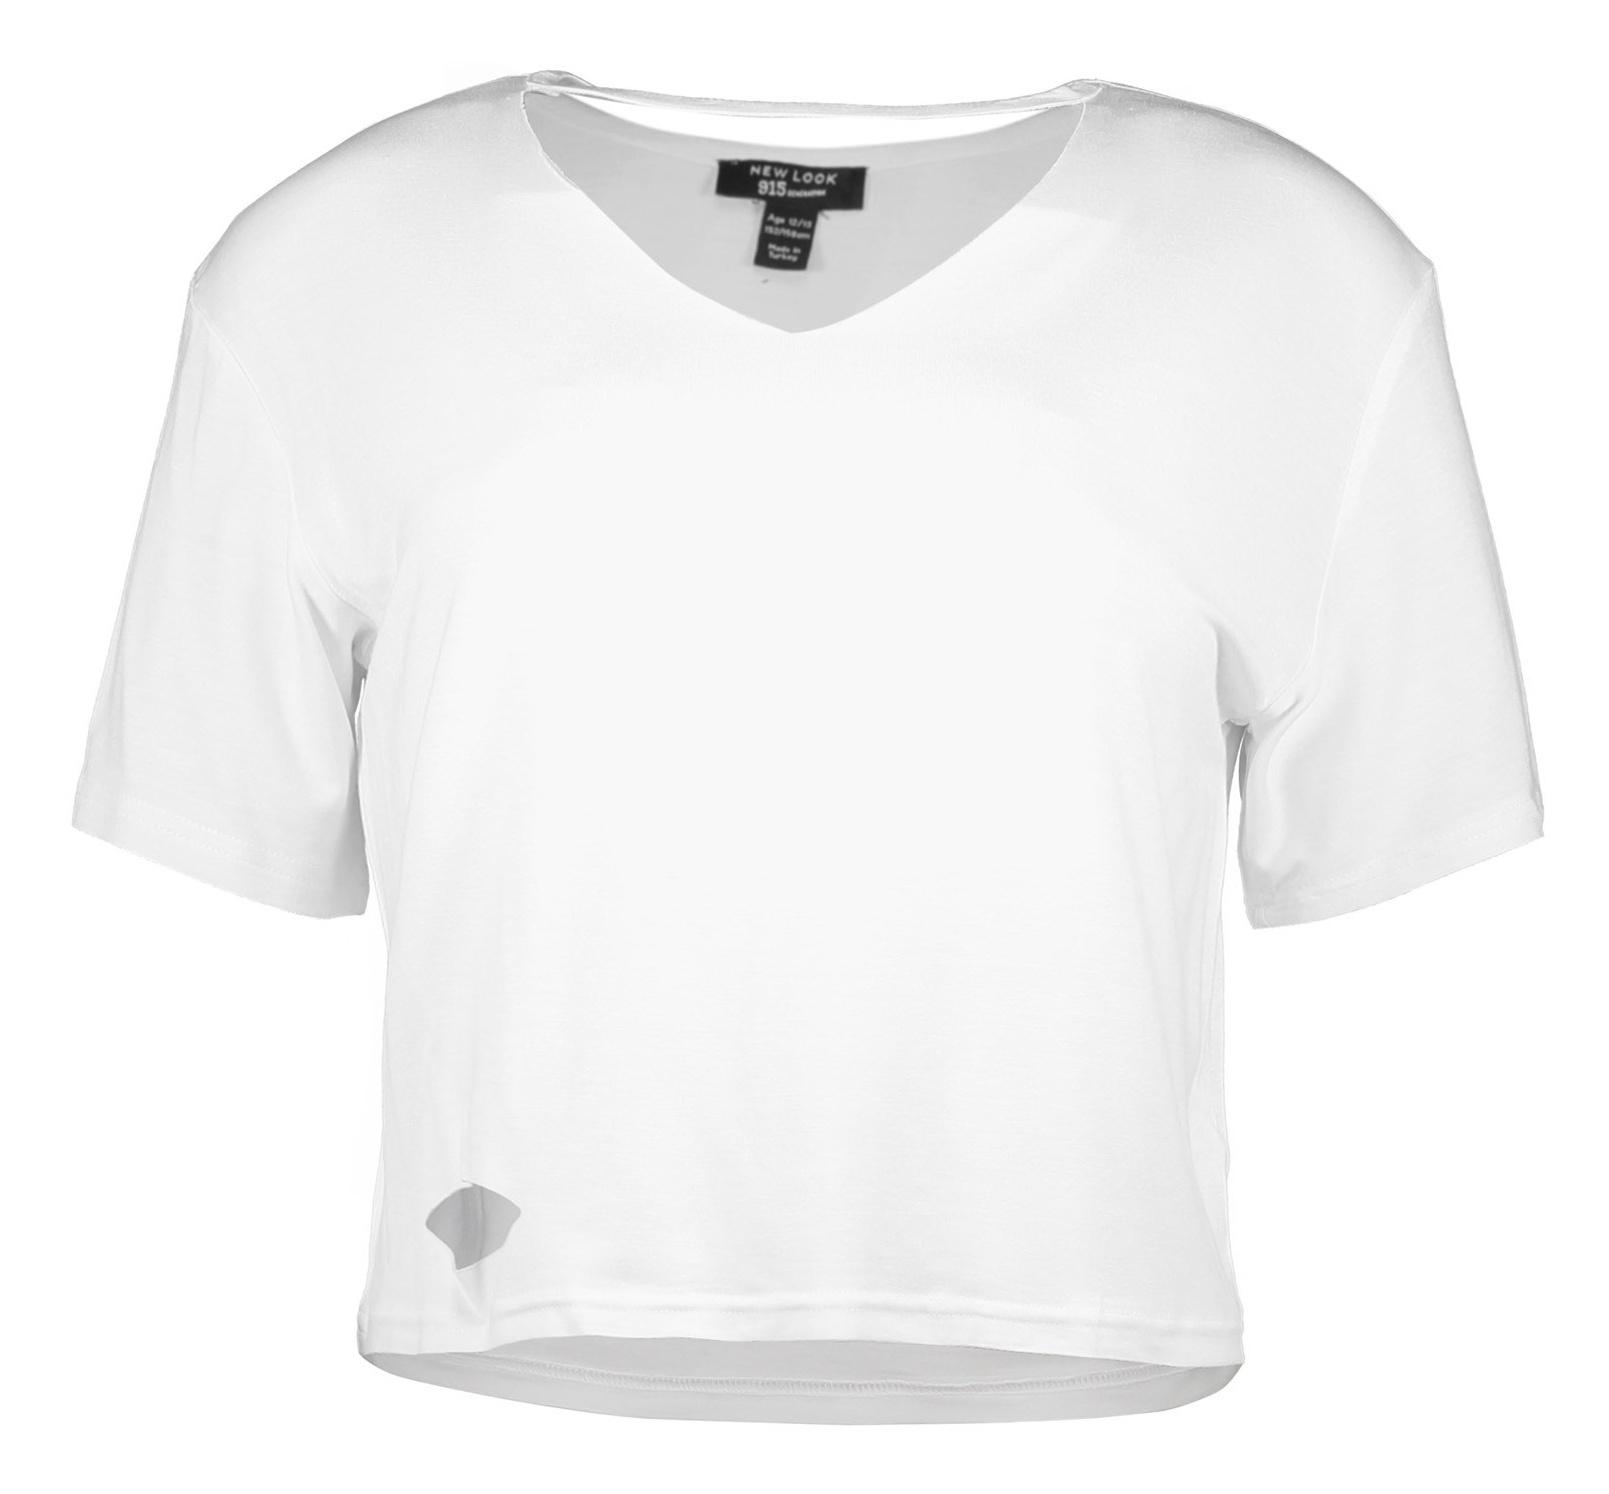 تی شرت ویسکوز آستین کوتاه دخترانه - نیو لوک - سفيد - 1